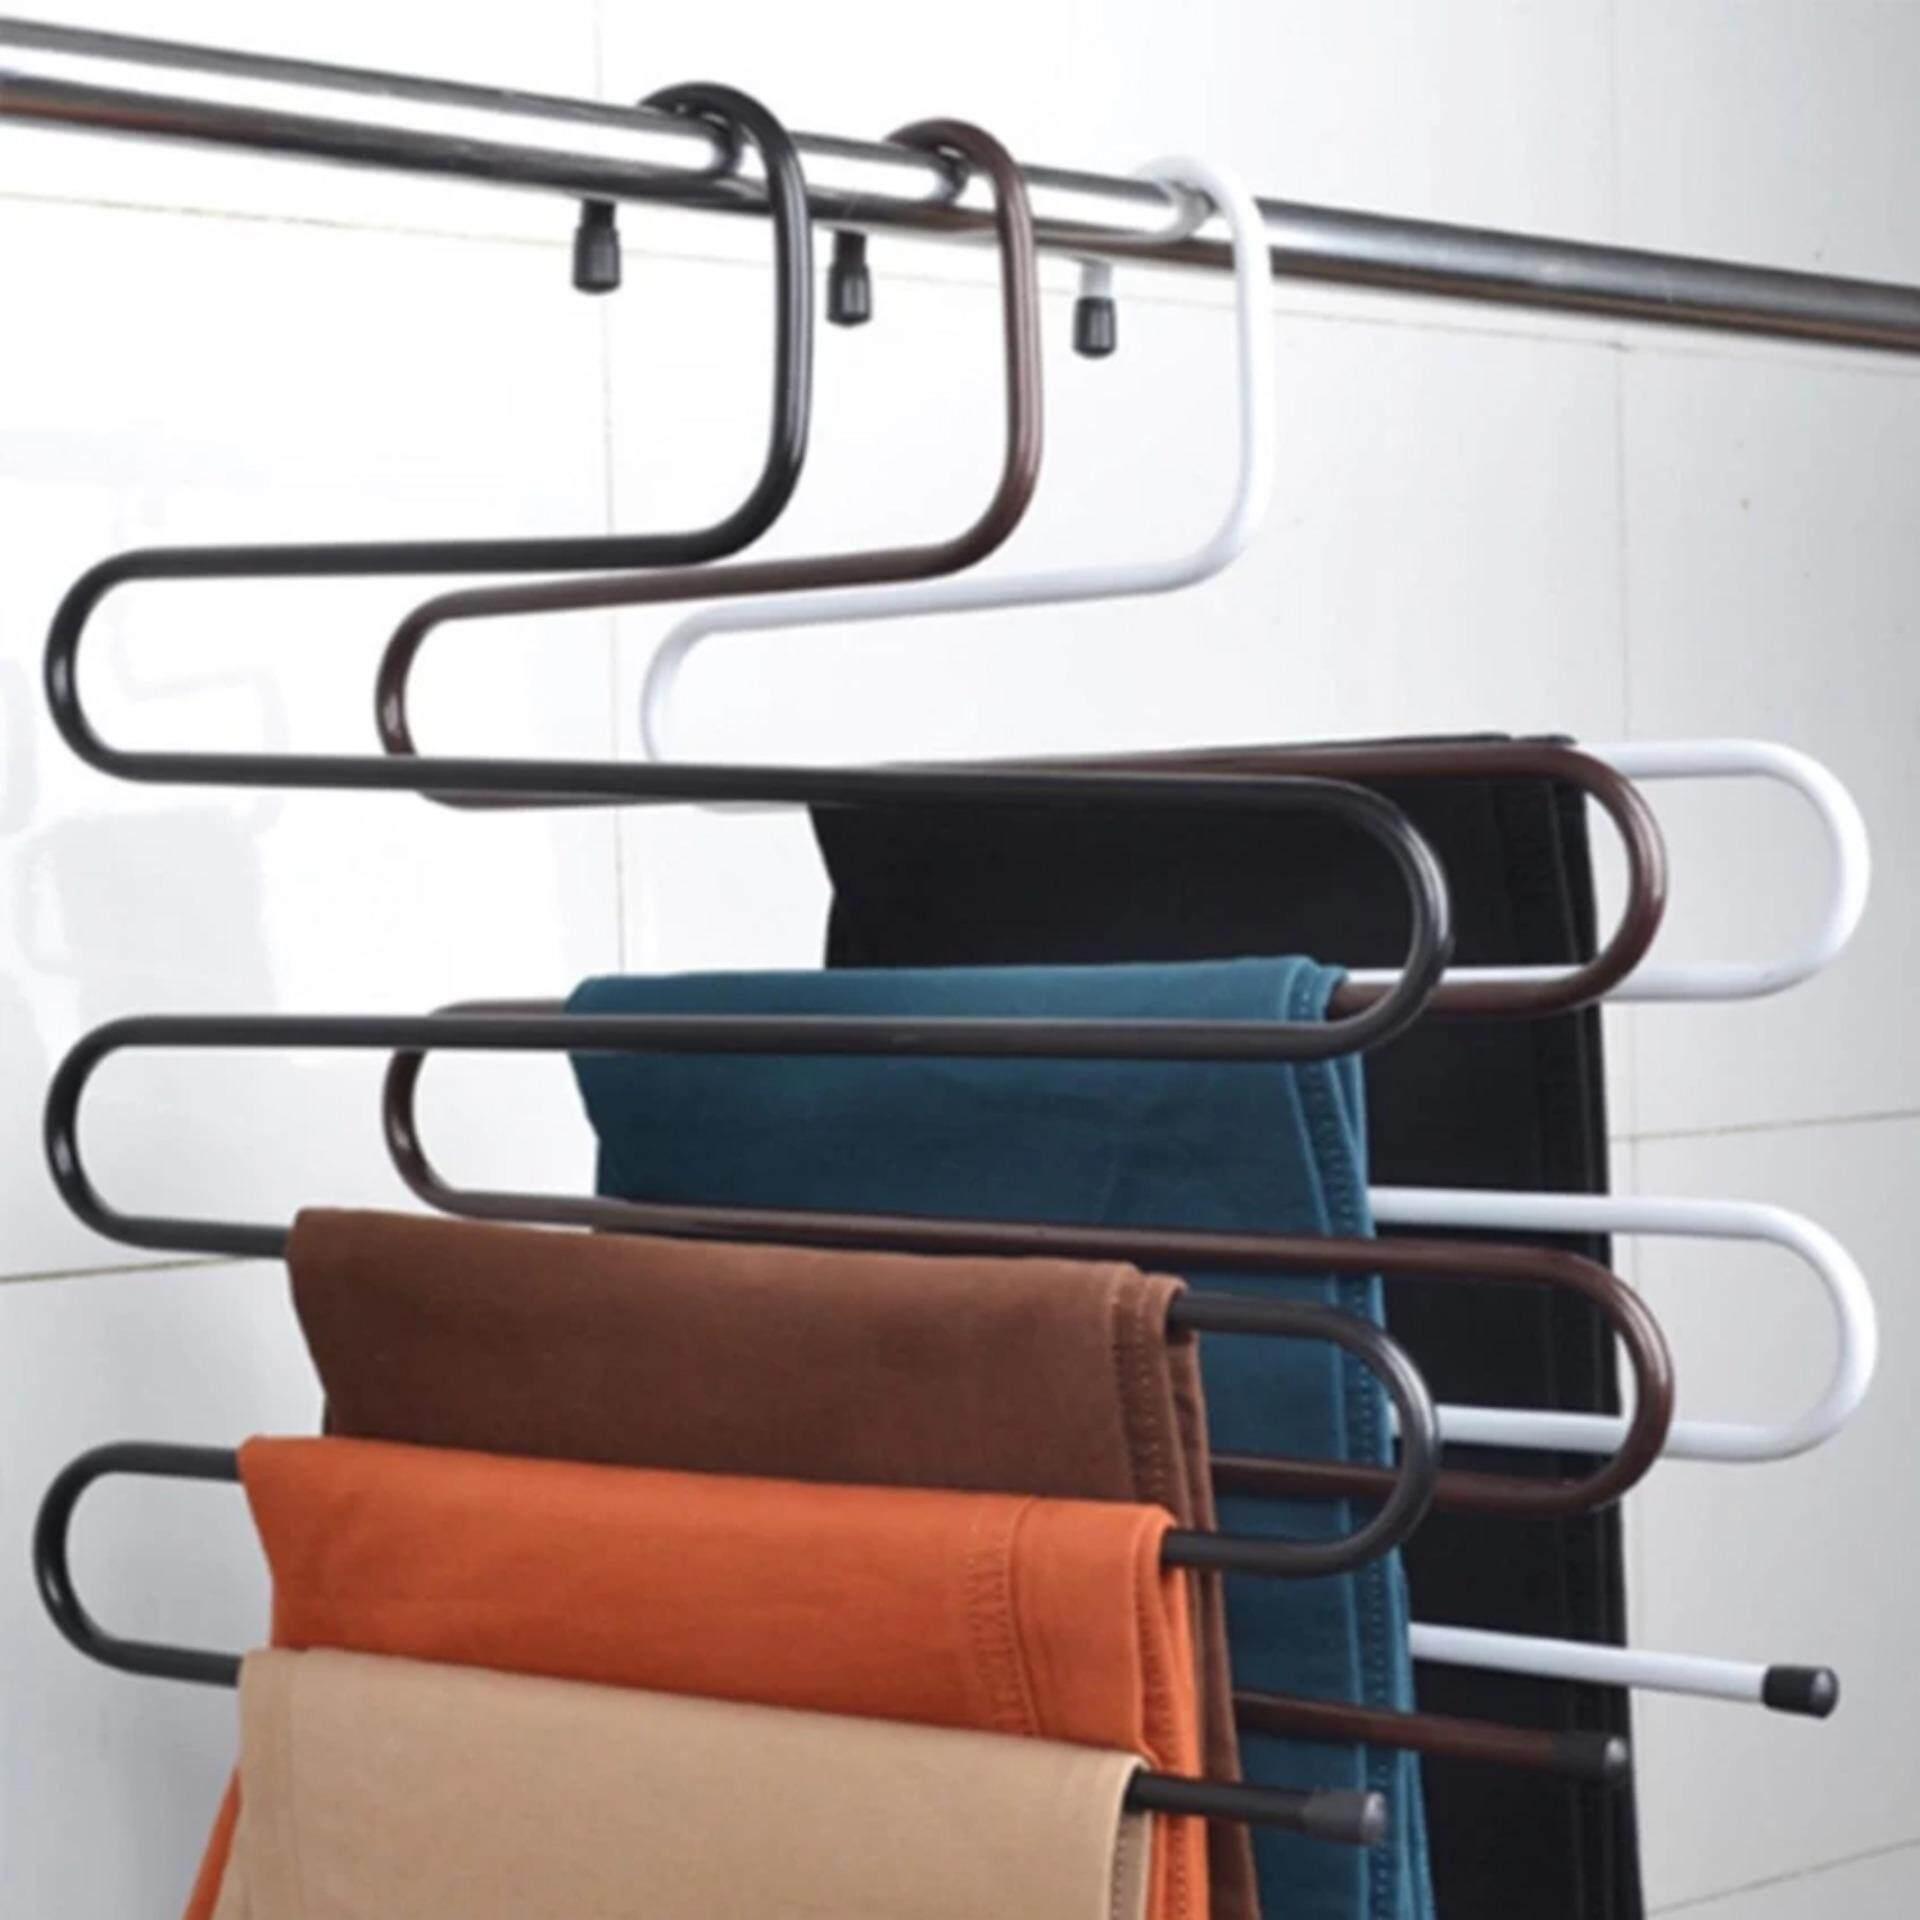 ขาย Cassa ชุด Set 4ชิ้น ไม้แขวนกางเกง แบบประหยัดพื้นที่ ภายในตู้เสื้อผ้า สีขาว รุ่น 187 Hc7481 W Cassa เป็นต้นฉบับ